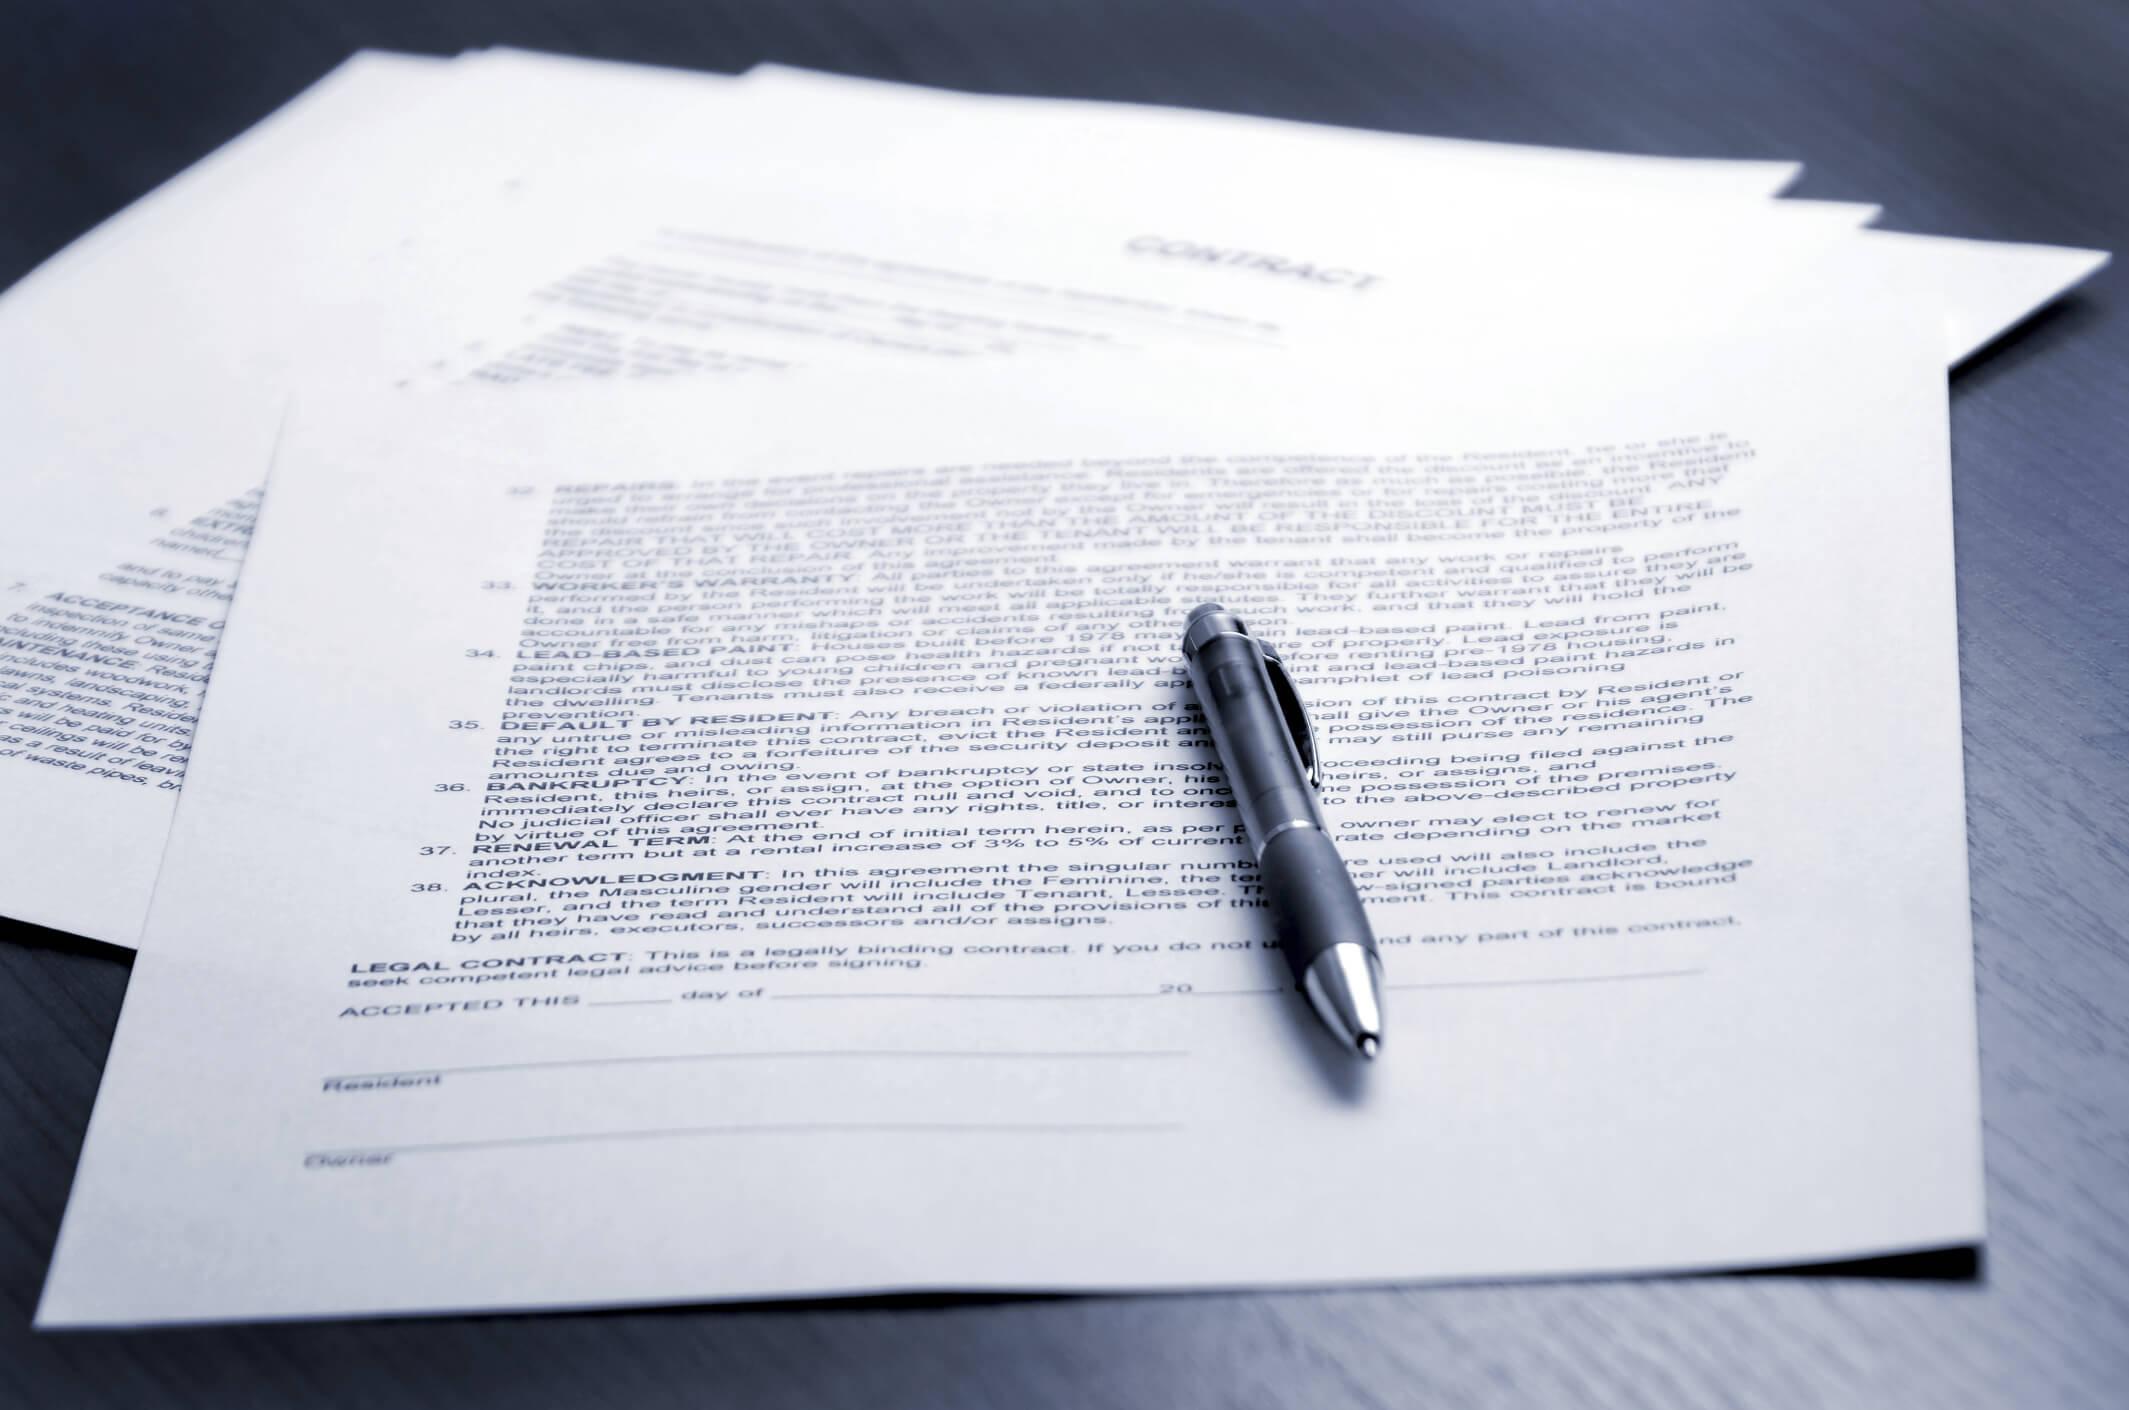 Документ в качестве договора